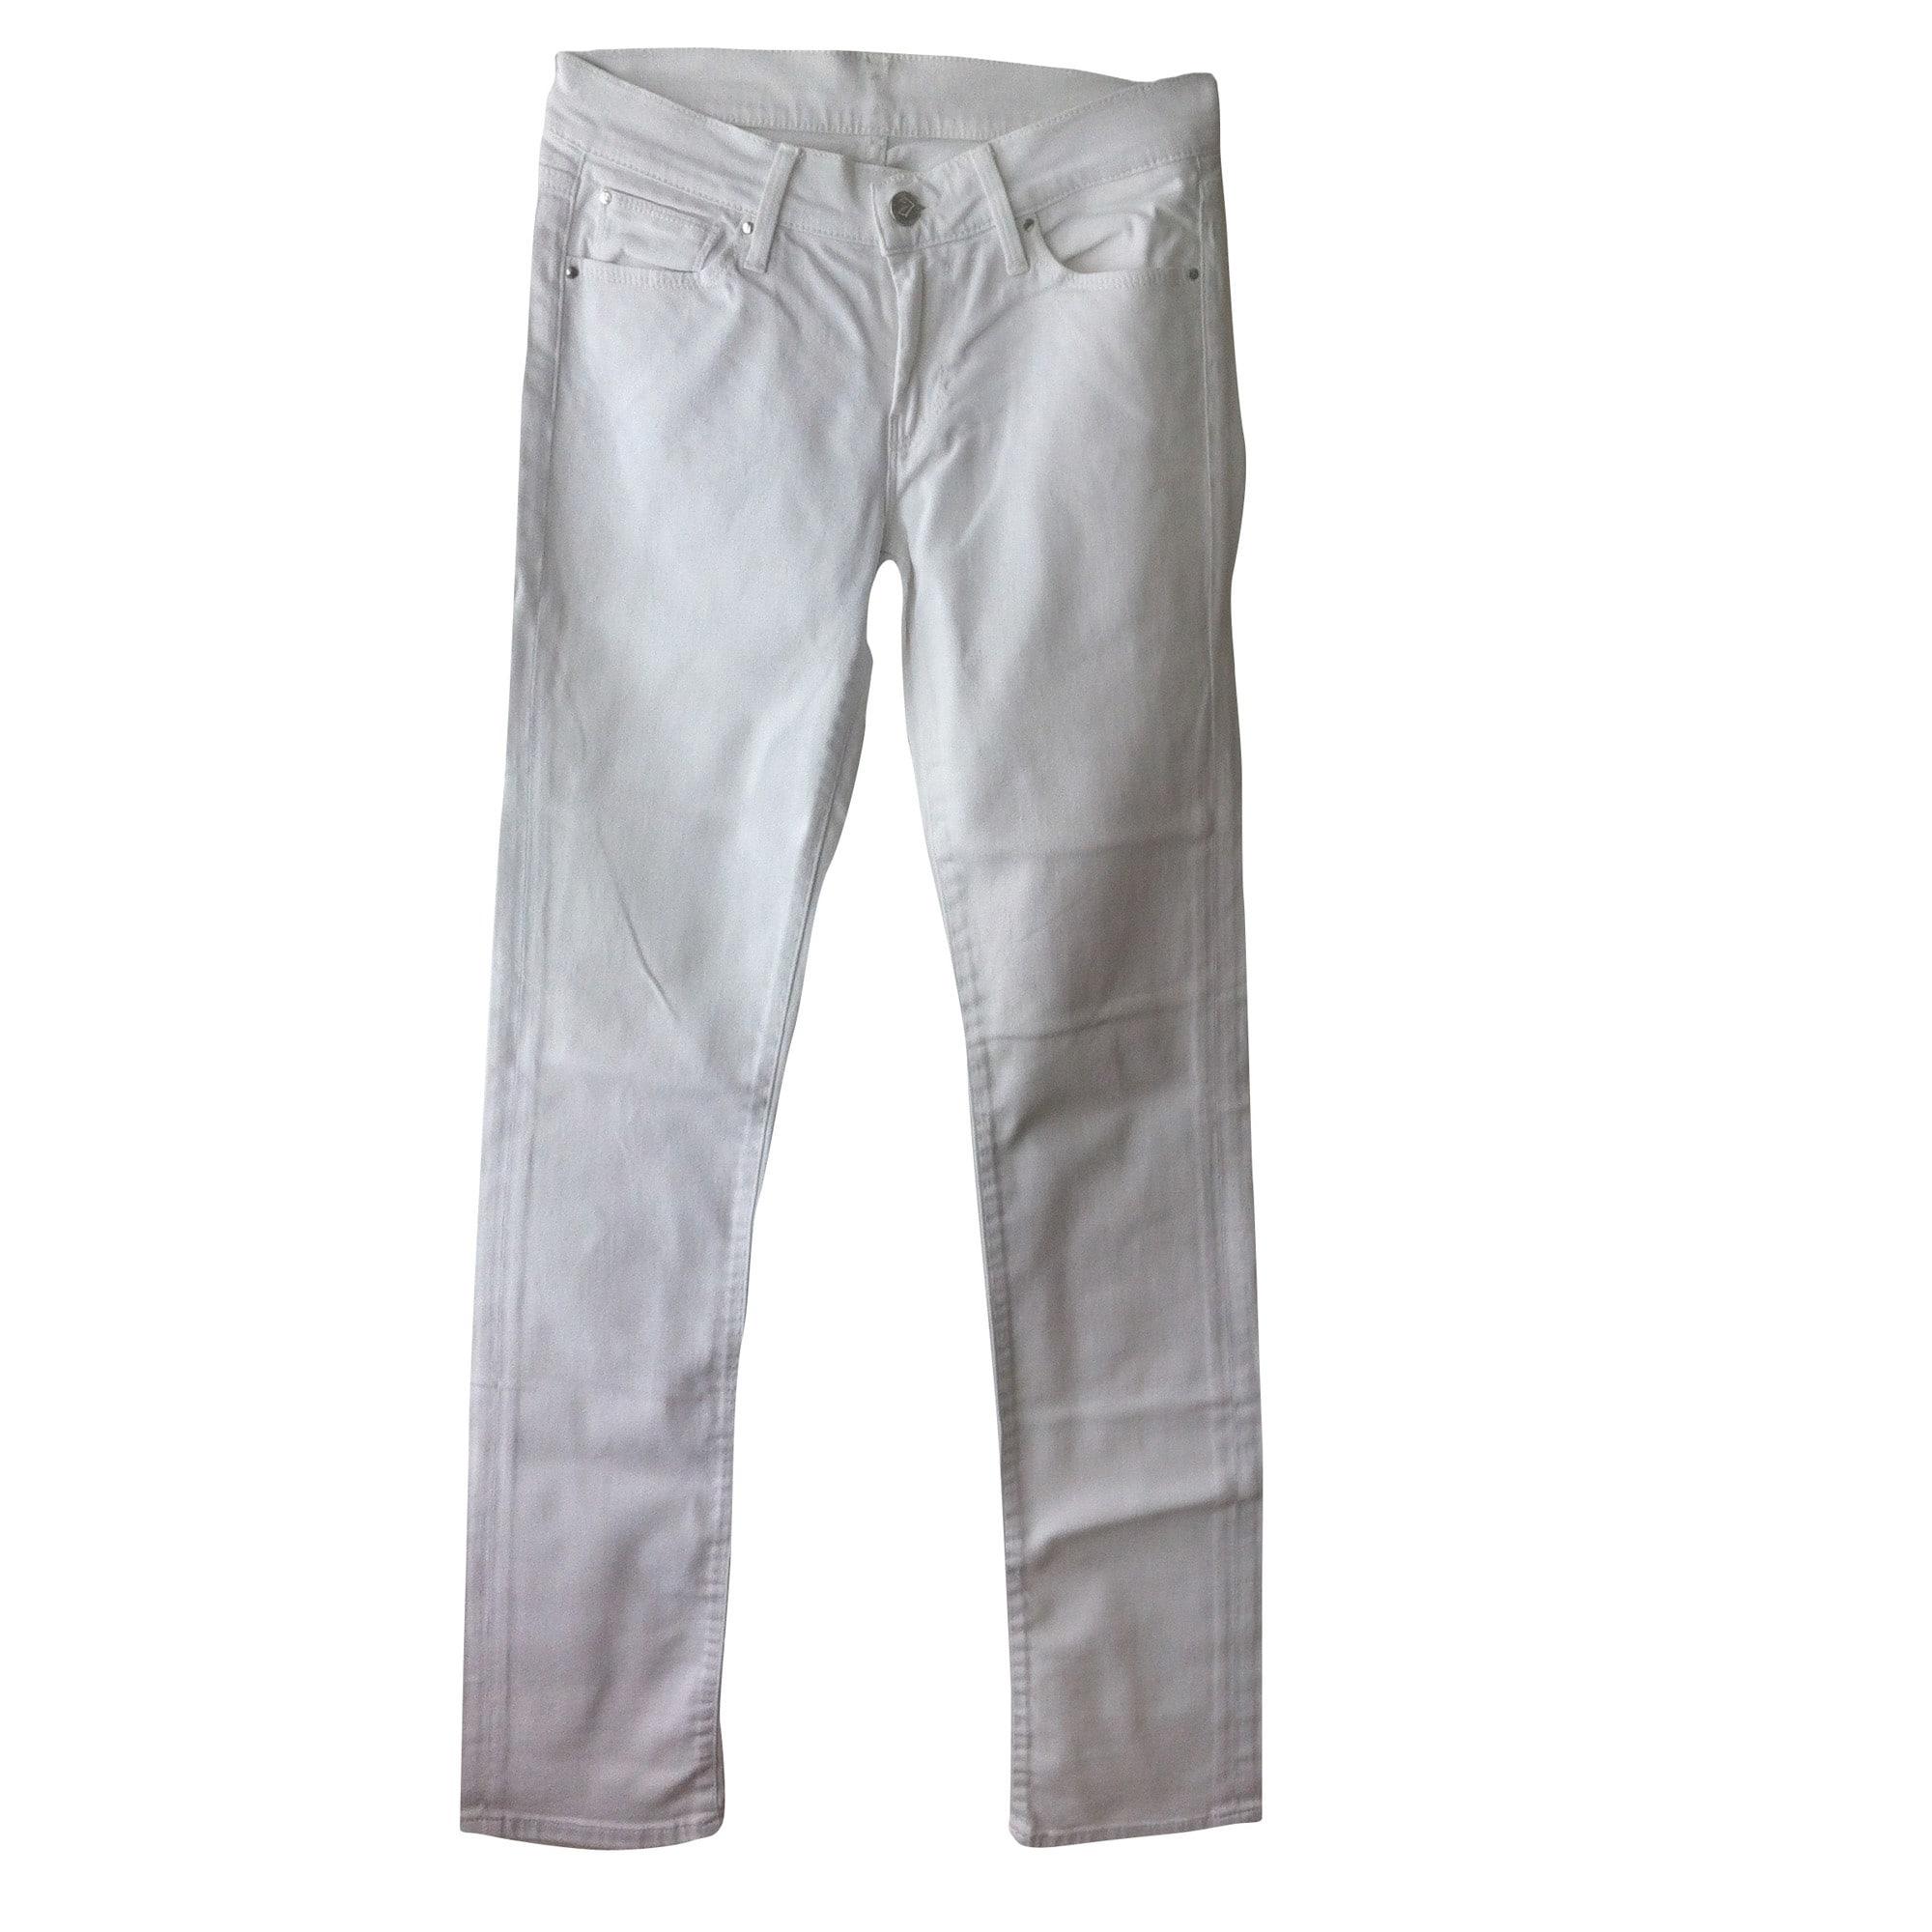 Jeans droit 7 FOR ALL MANKIND Blanc, blanc cassé, écru